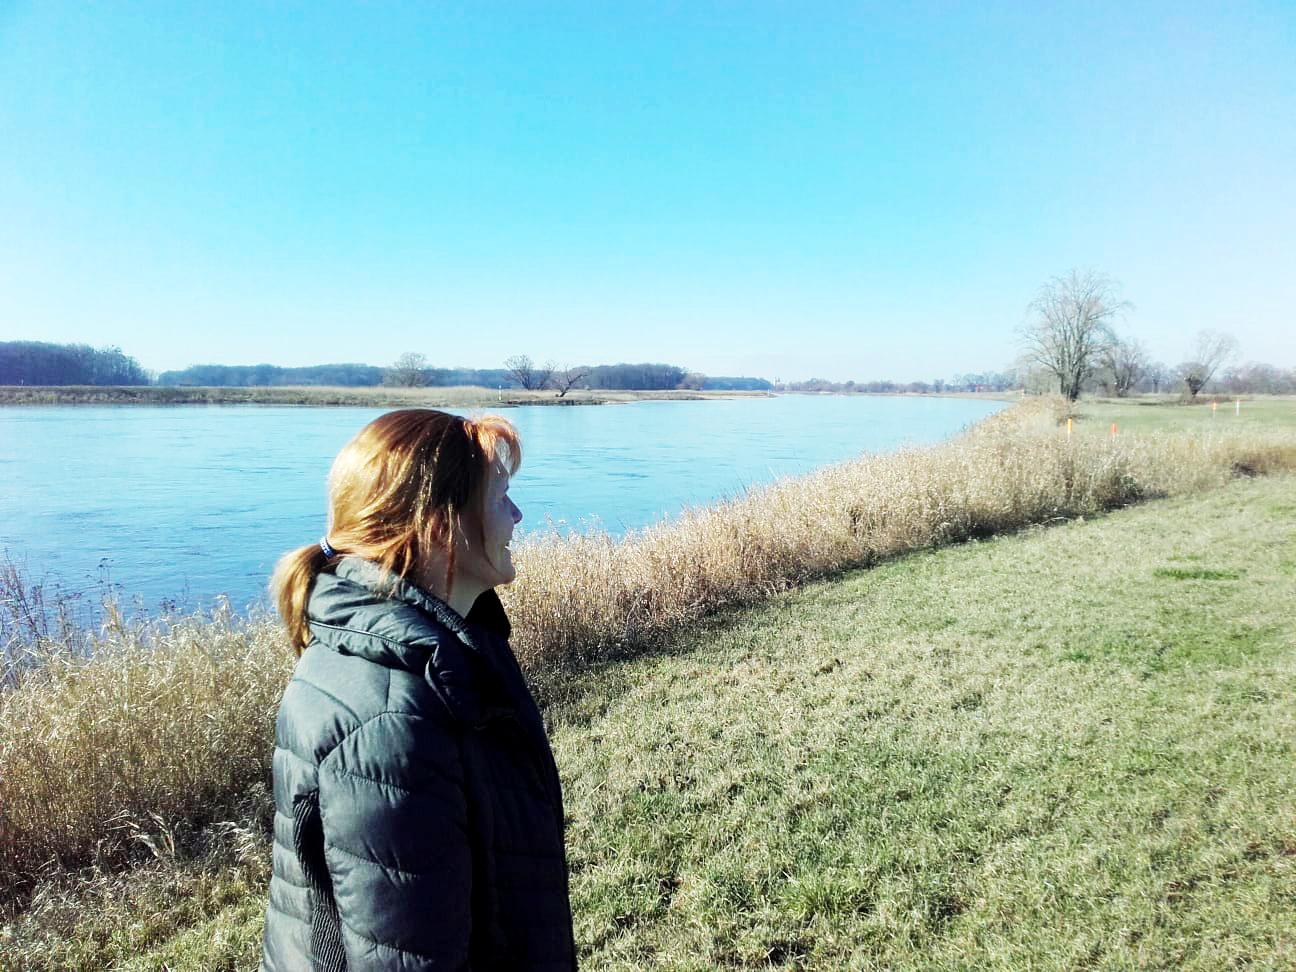 Eine Frau im Vordergrund steht auf einem Deich an der Elbe.